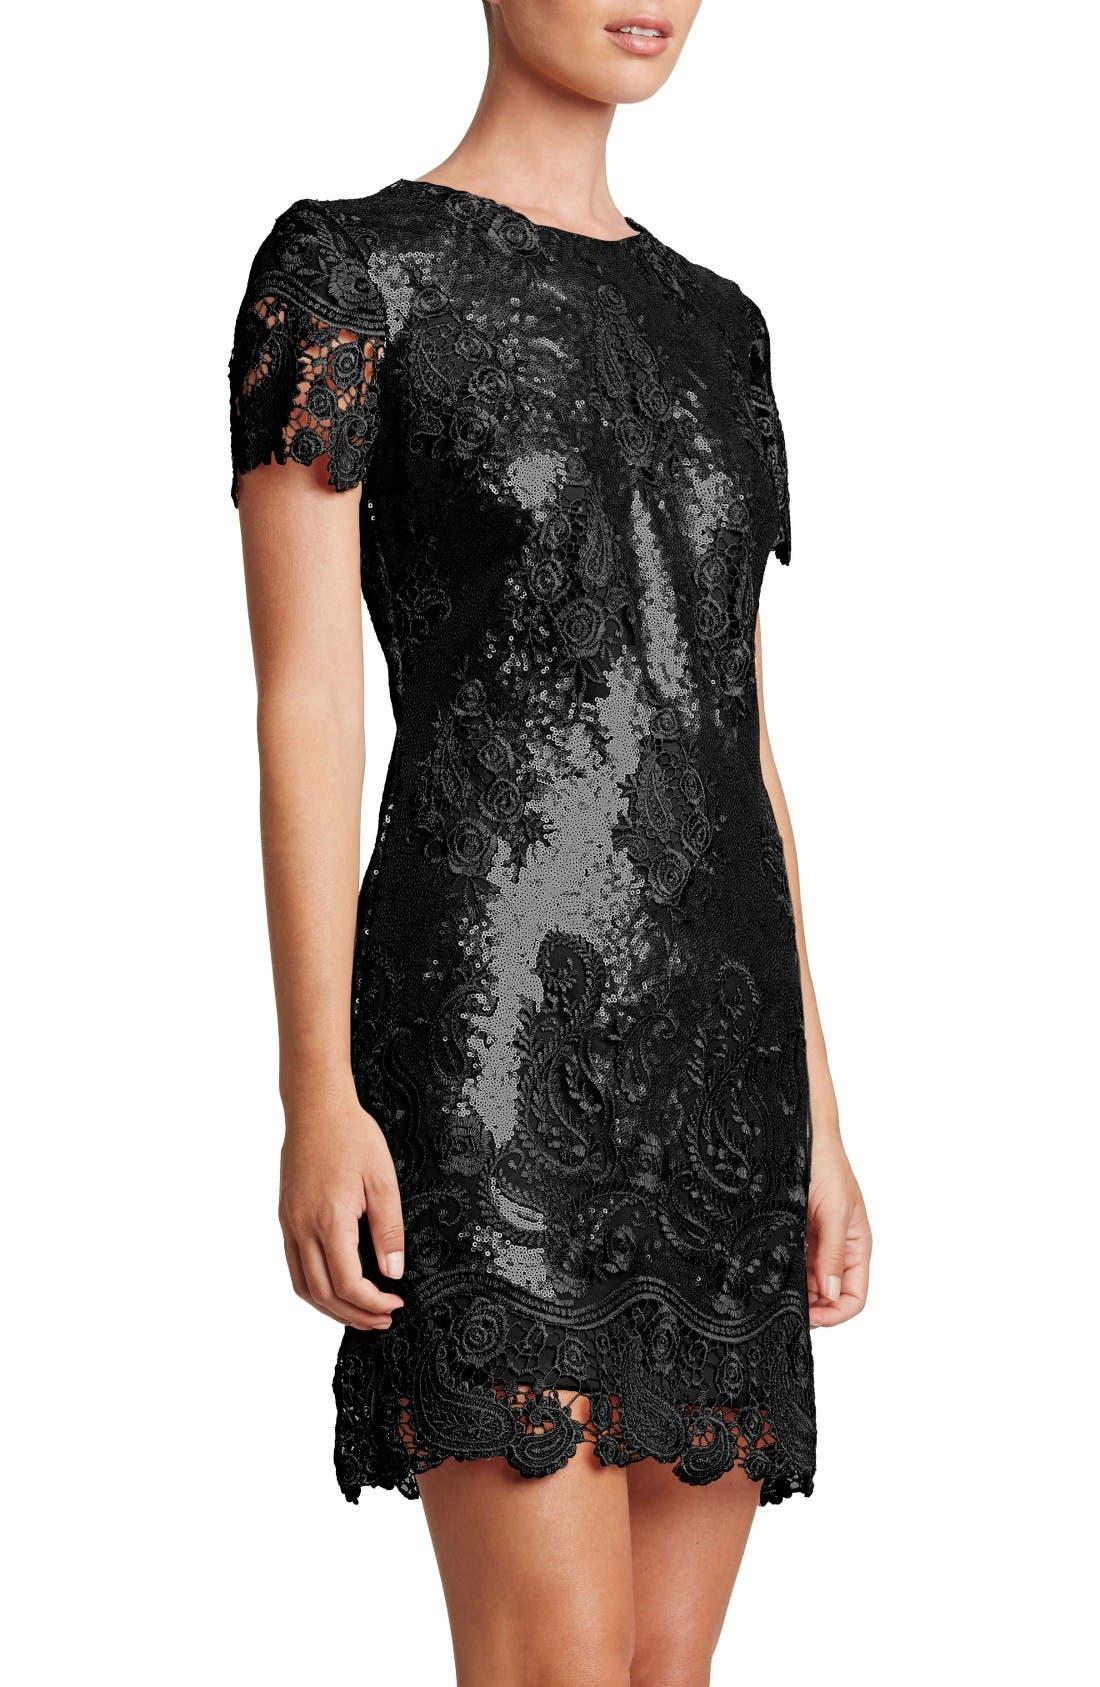 Joy Sequin Lace Minidress,                         Main,                         color, Black/ Black